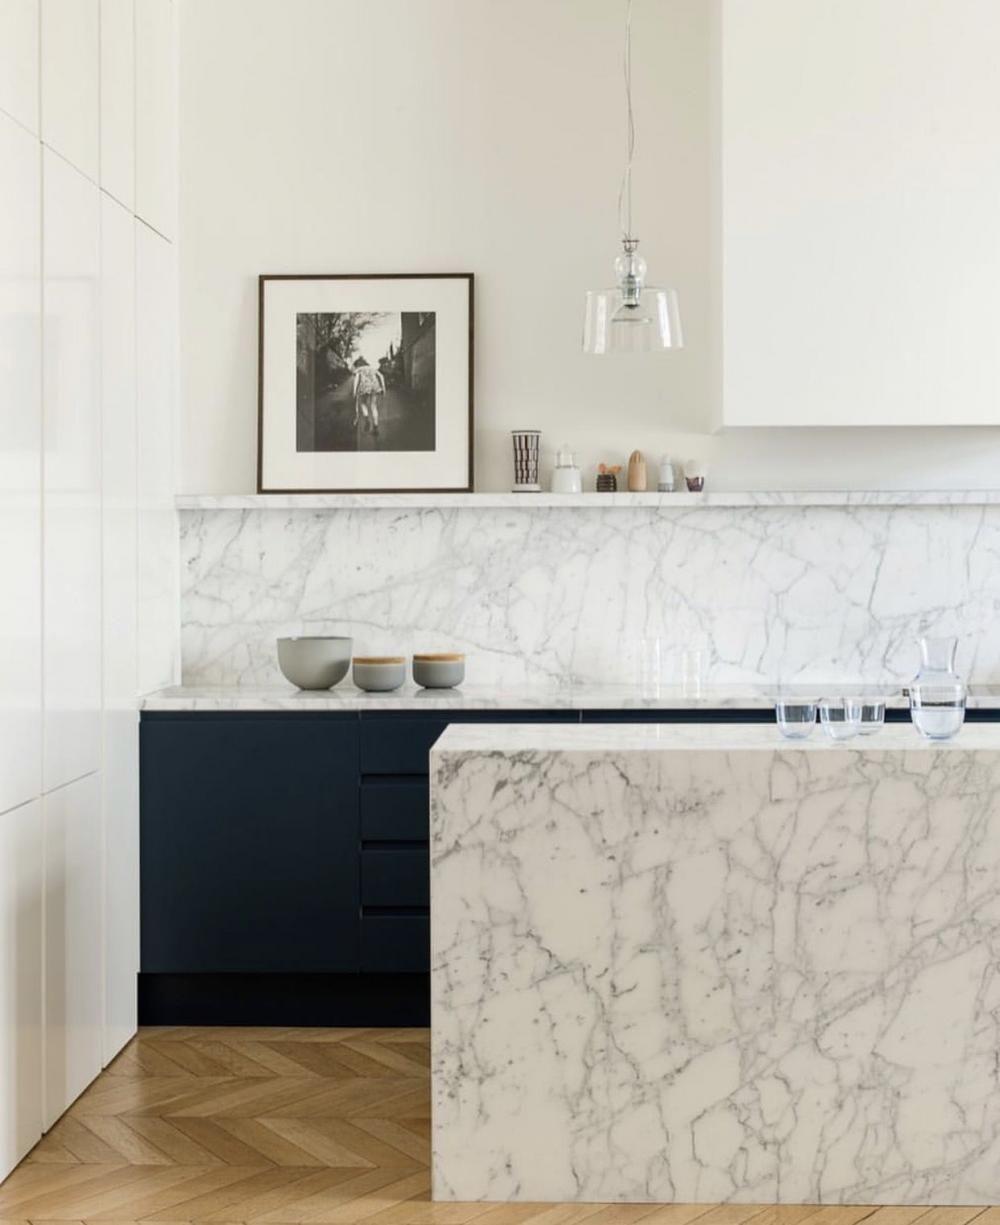 De Mooiste Marmeren Keukens Om Bij Weg Te Dromen Eigen Huis En Tuin Keuken Ontwerpen Kleine Keuken Keuken Ontwerp